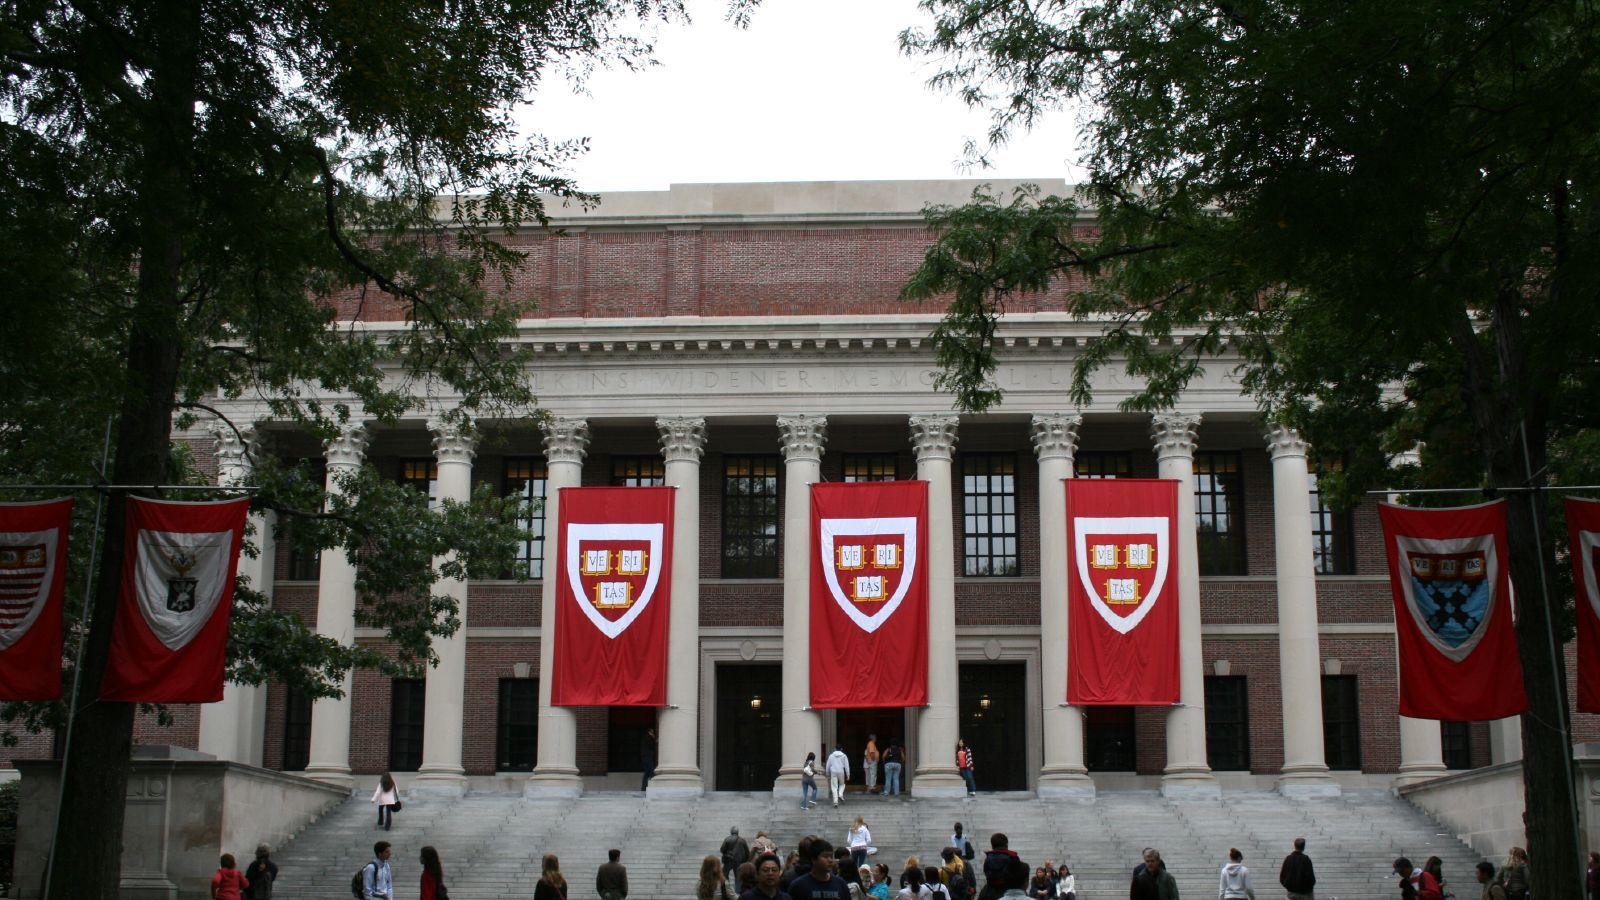 ハーバード大学とMITもオンライン講義に、新型コロナ対策で